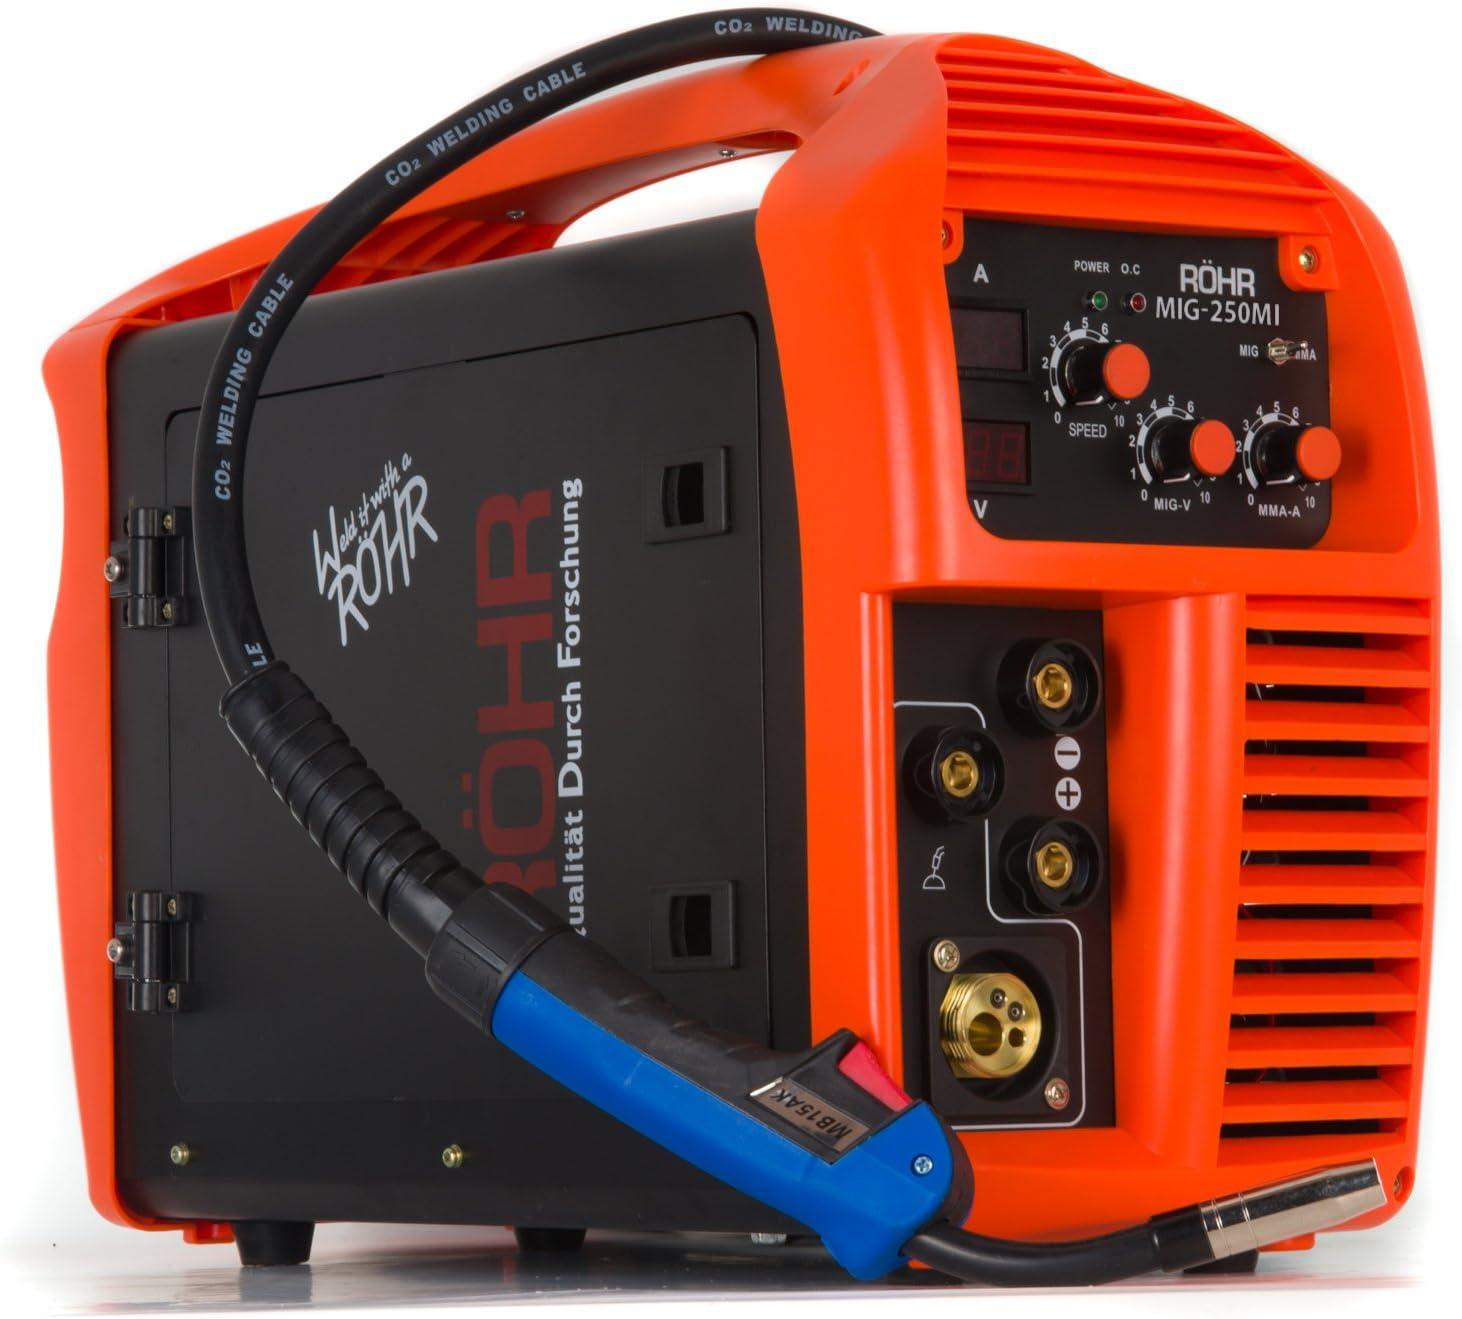 Röhr MIG-250MI - Soldador MIG Inverter MMA de 250 Amp Con o Sin Gas - Máquina 3 en 1 - Tecnología IGBT - CC - 240 V